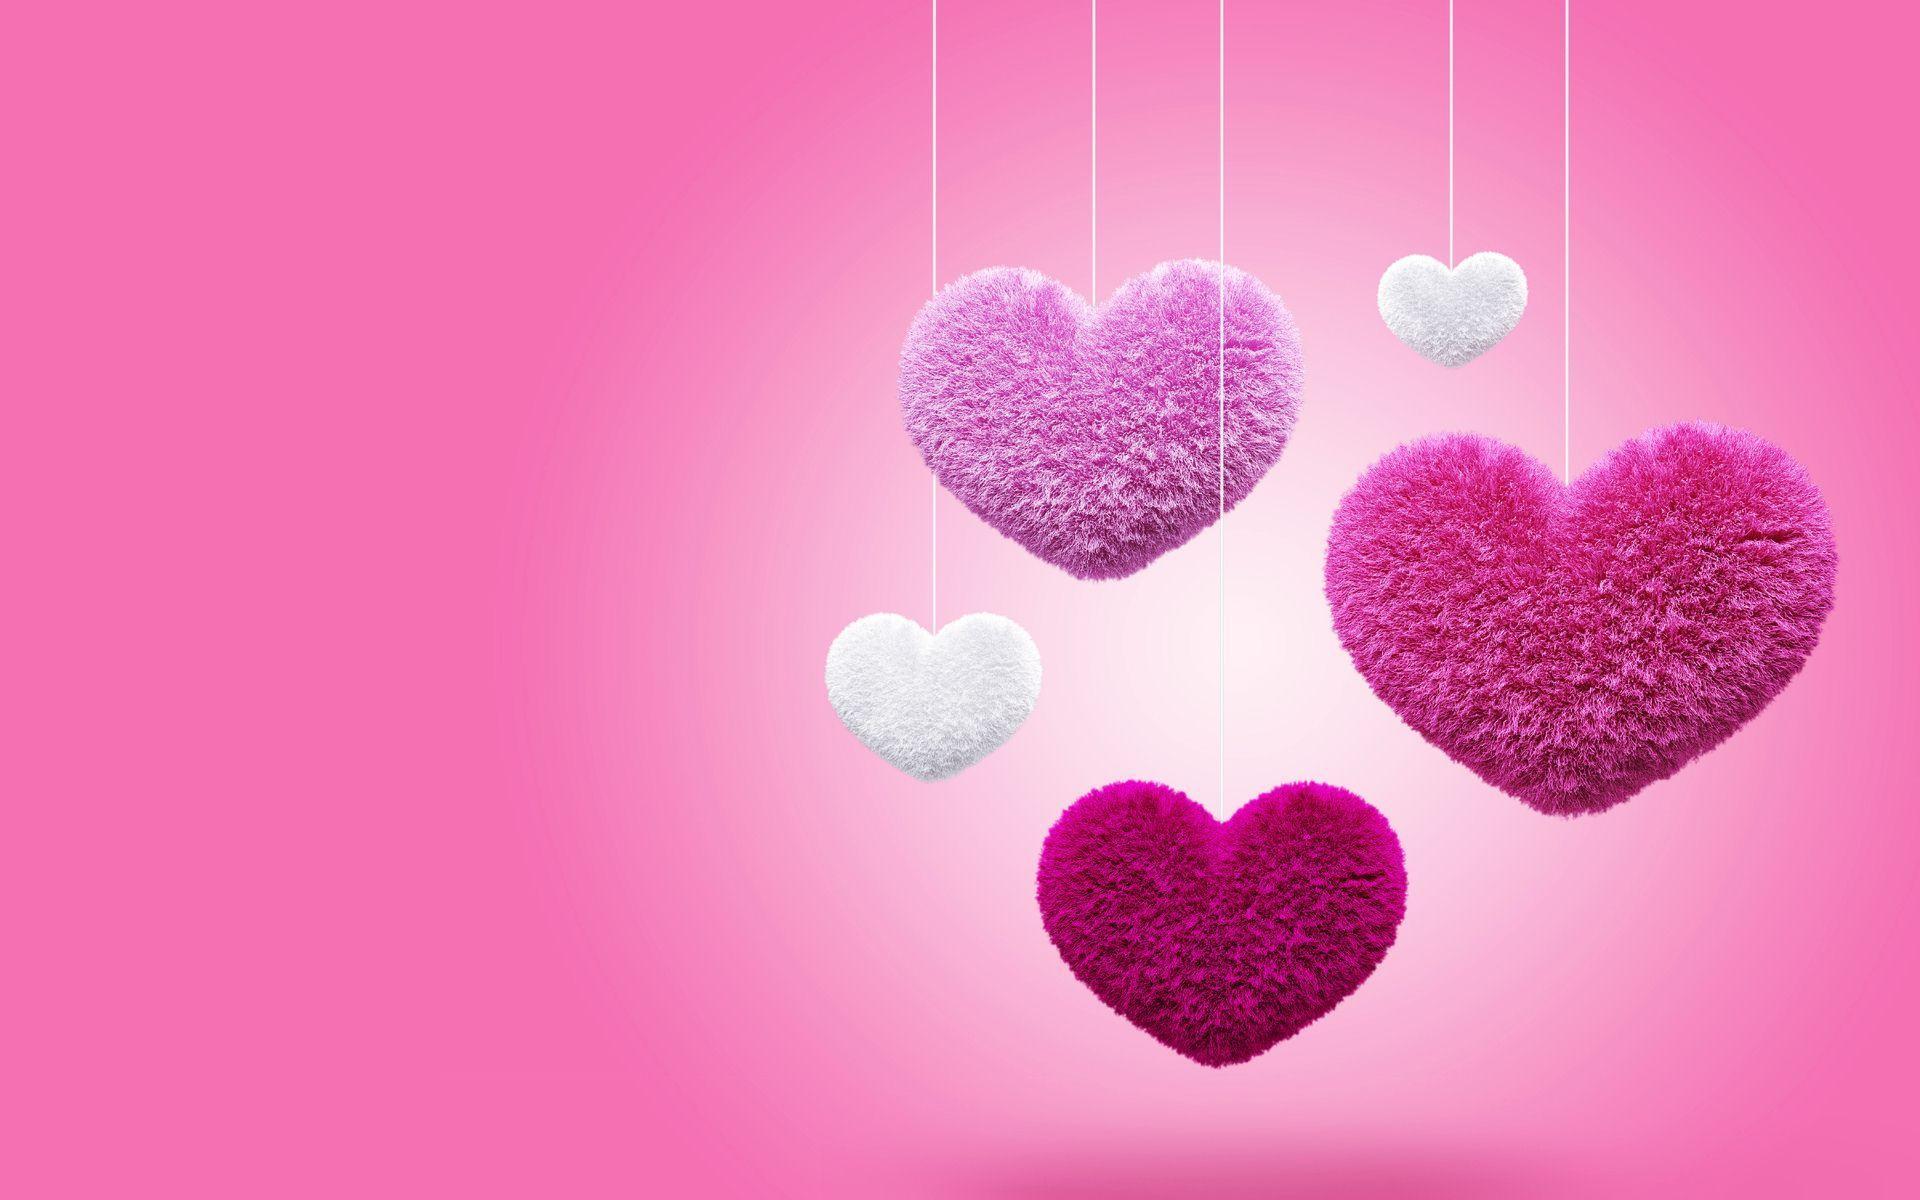 Love Heart Wallpaper Backgrounds 3d Wallpaper Cave